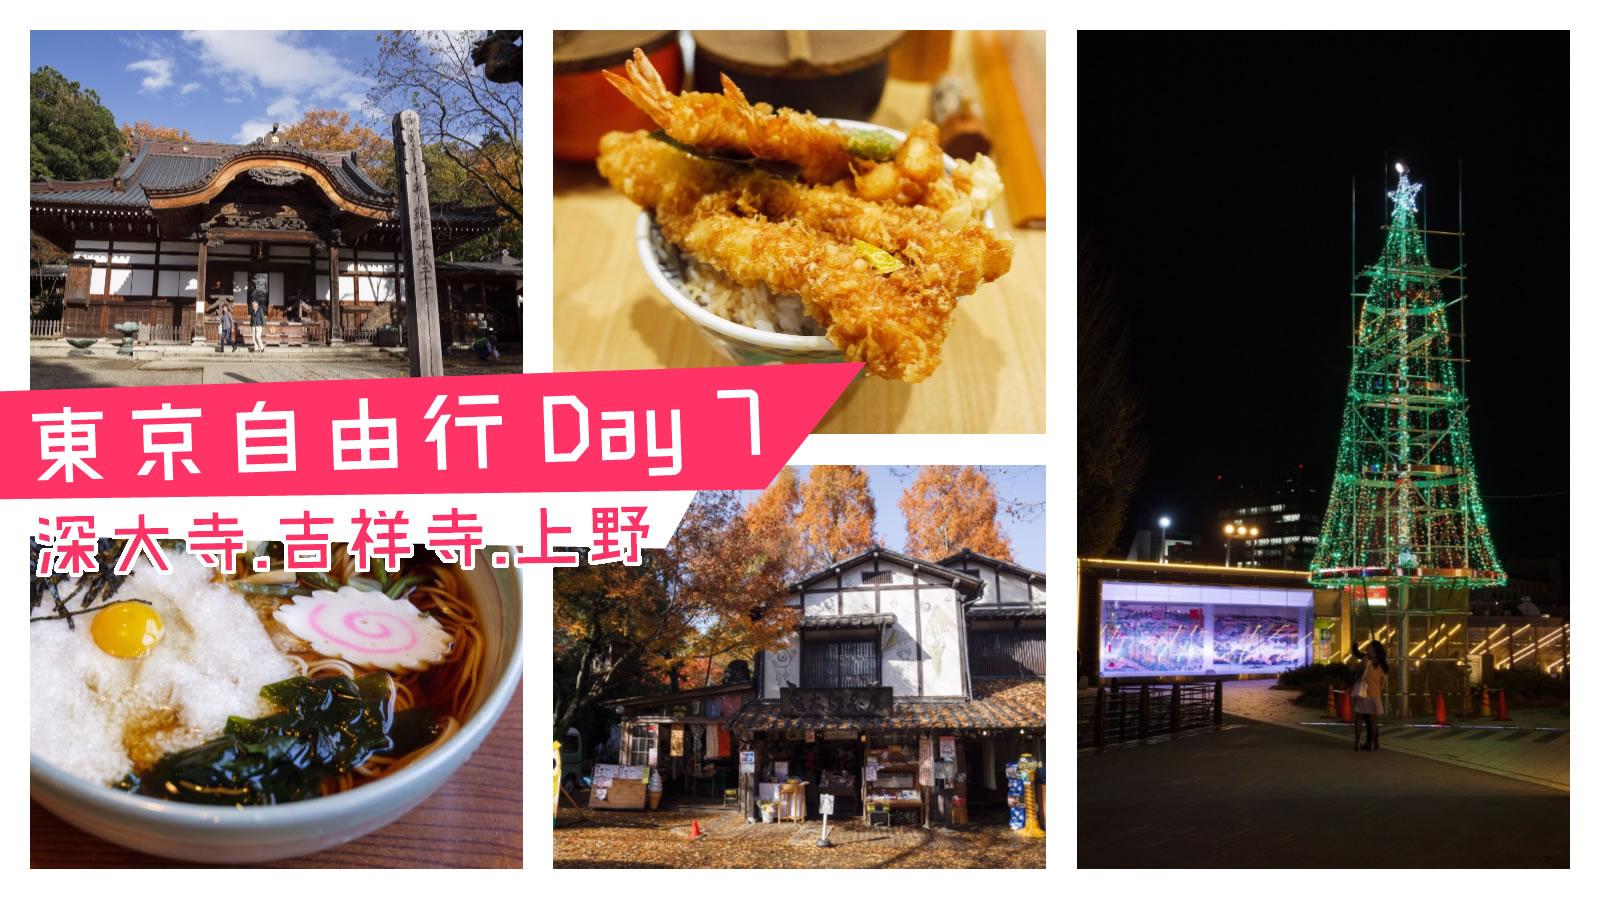 【日本旅遊】2015 東京自由行 Day 7:深大寺、吉祥寺、上野 1